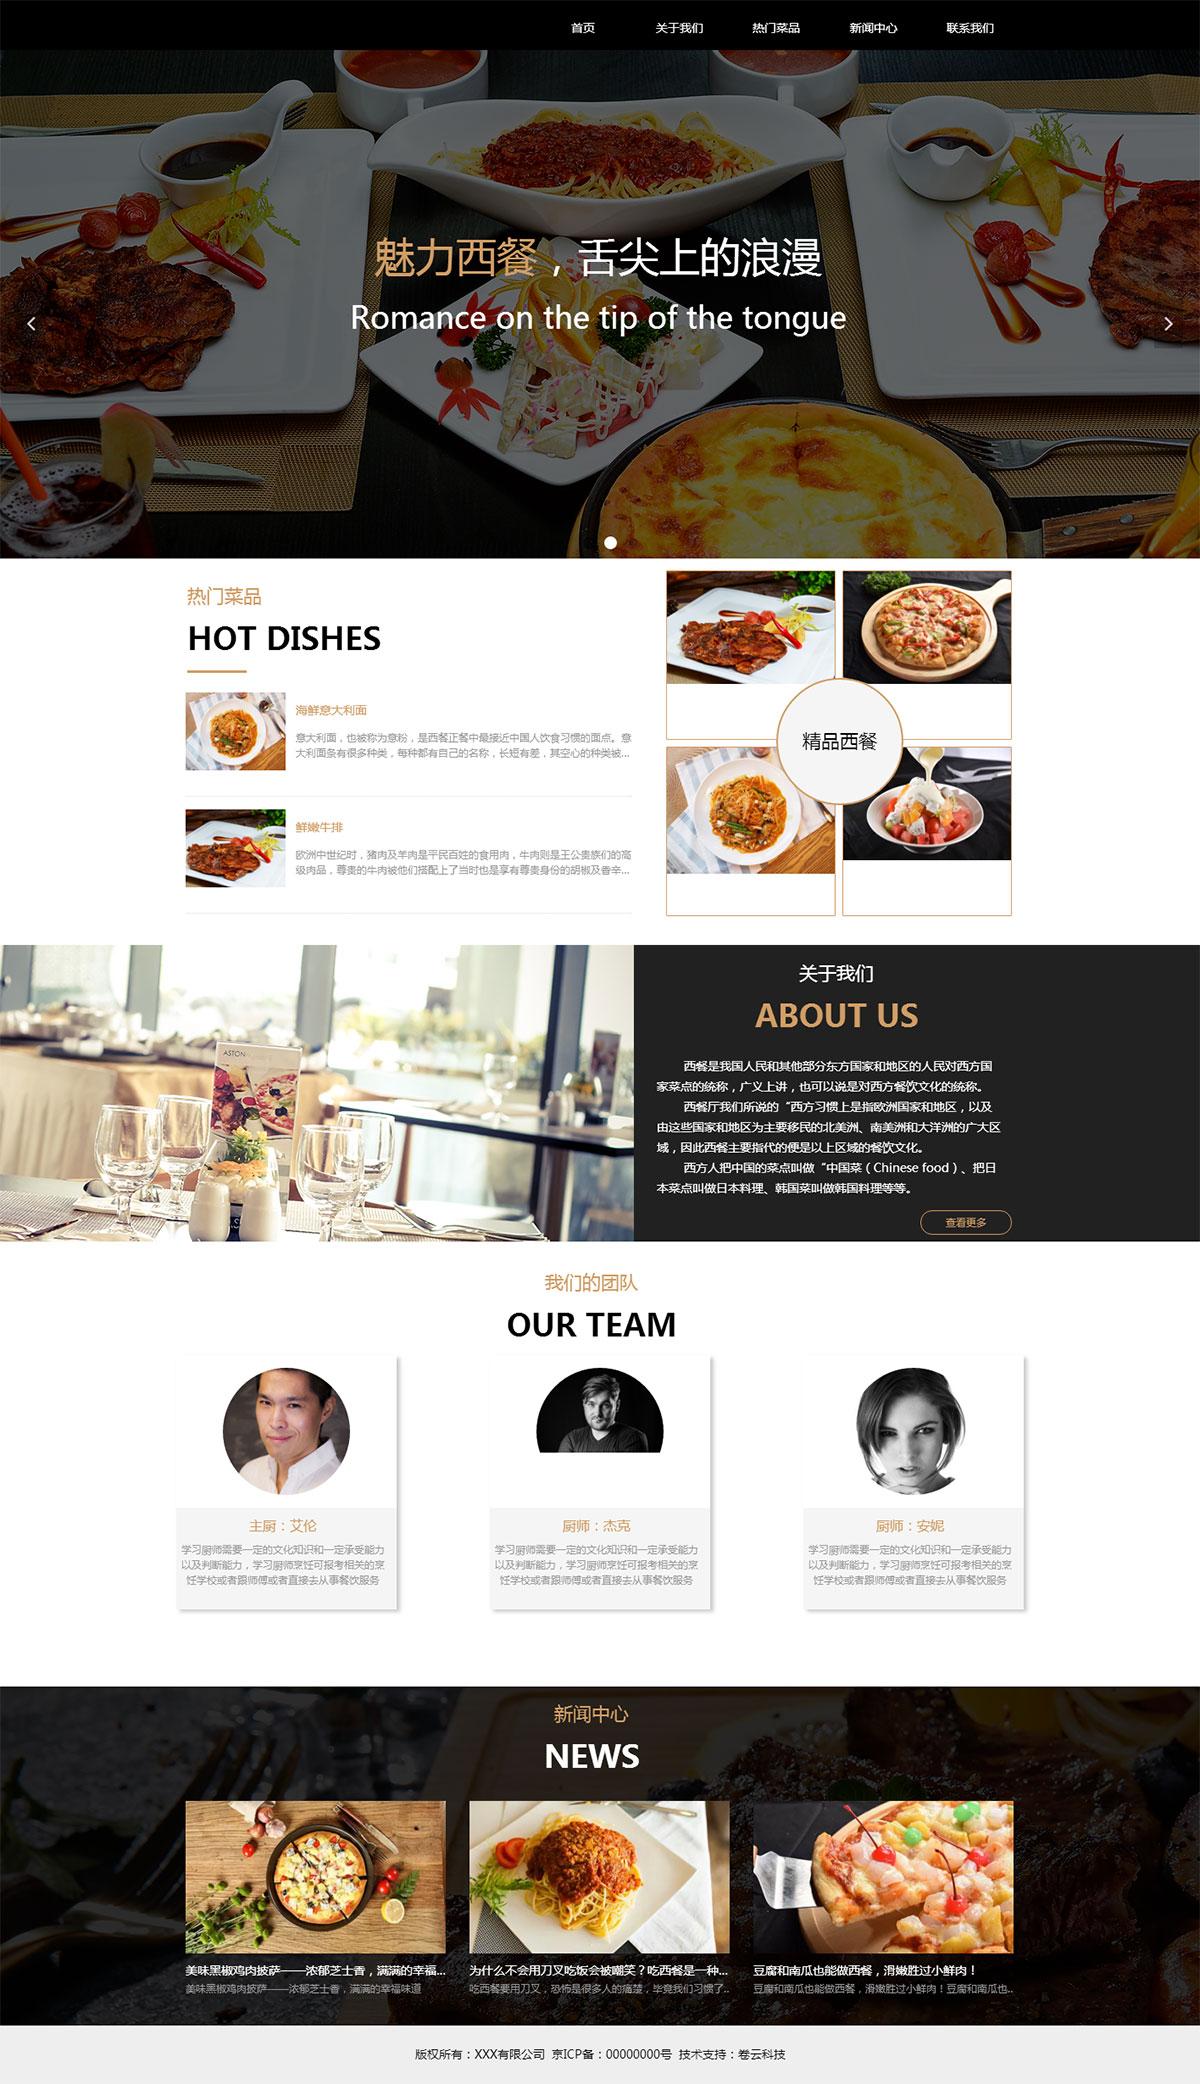 西餐餐馆网站(餐饮企业)案例